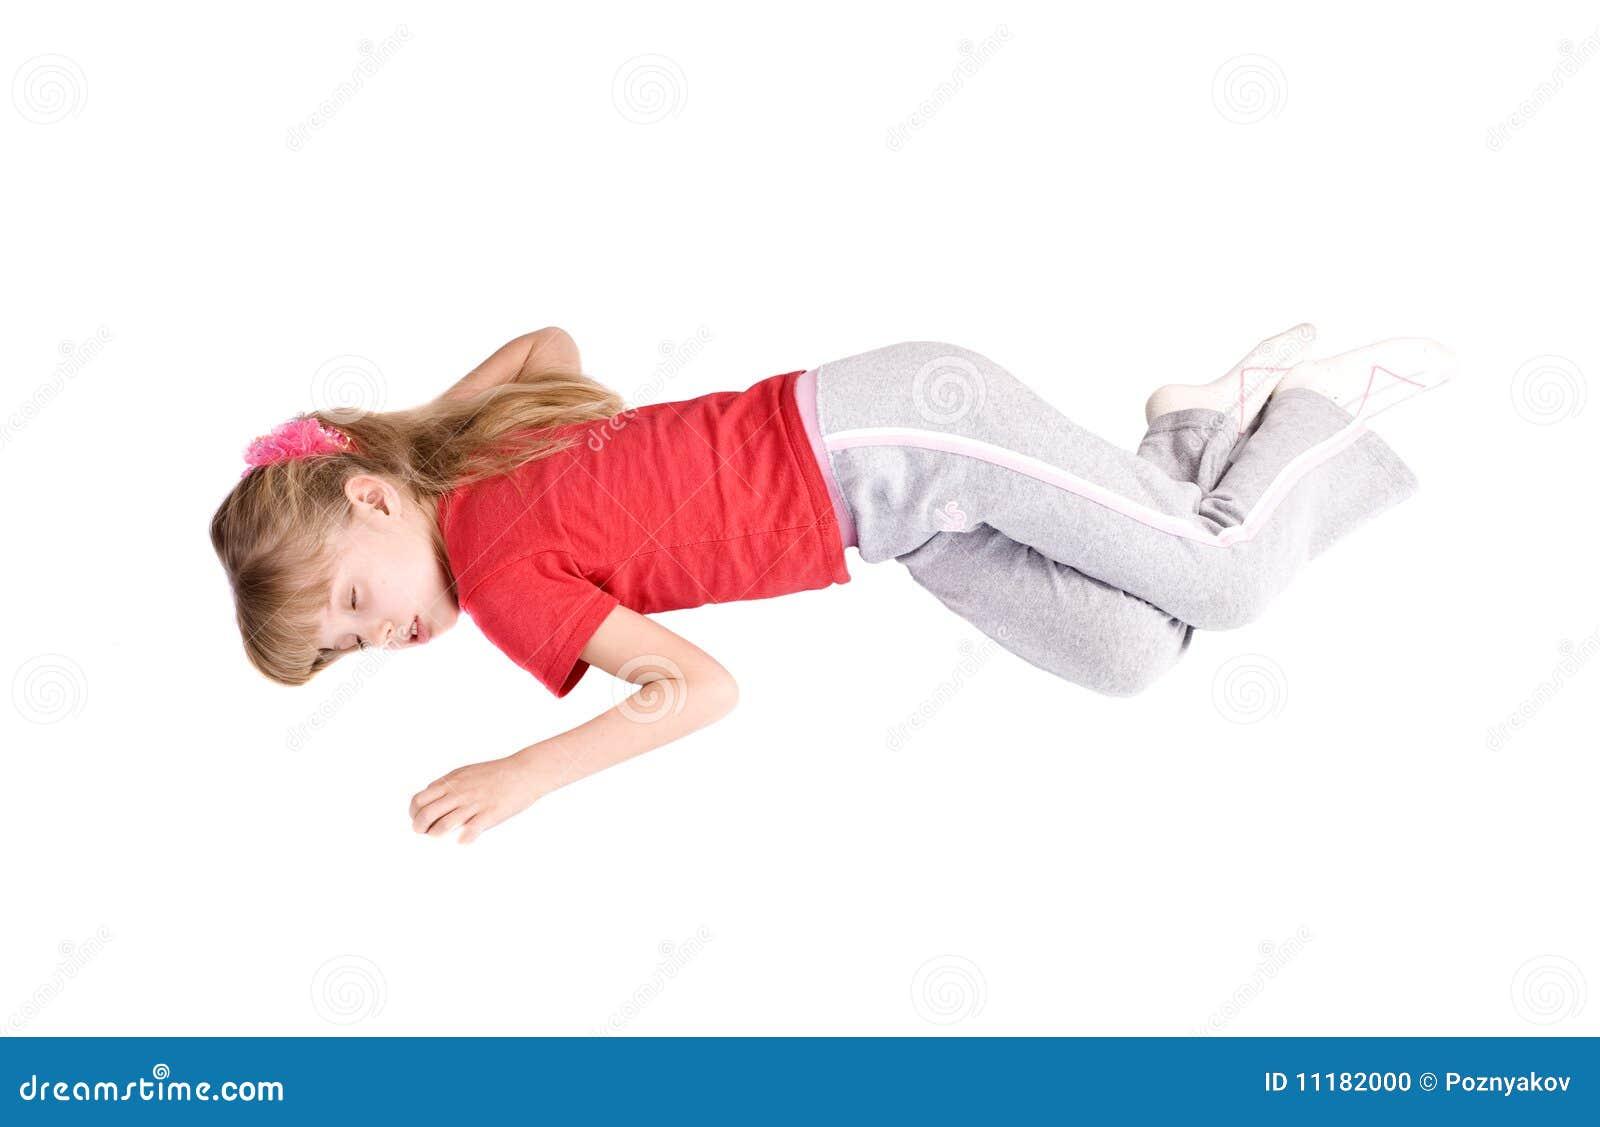 Sueño del niño de la muchacha en suelo.